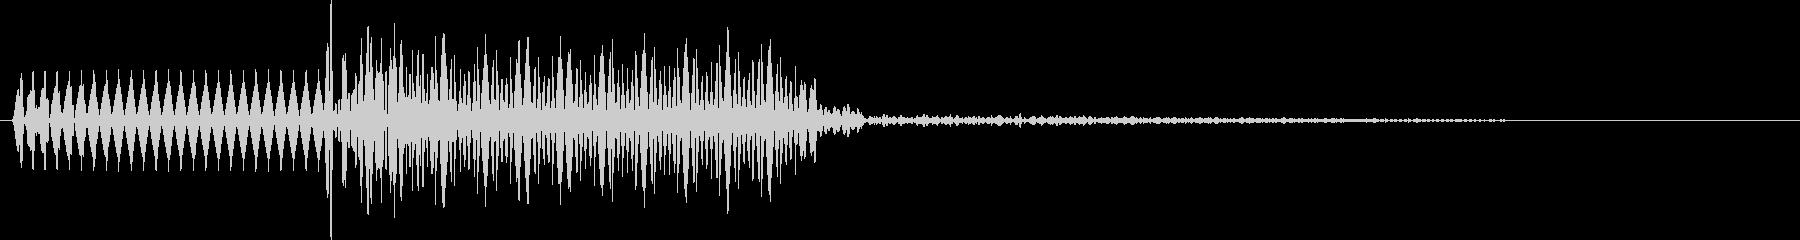 ビコン(決定音)の未再生の波形